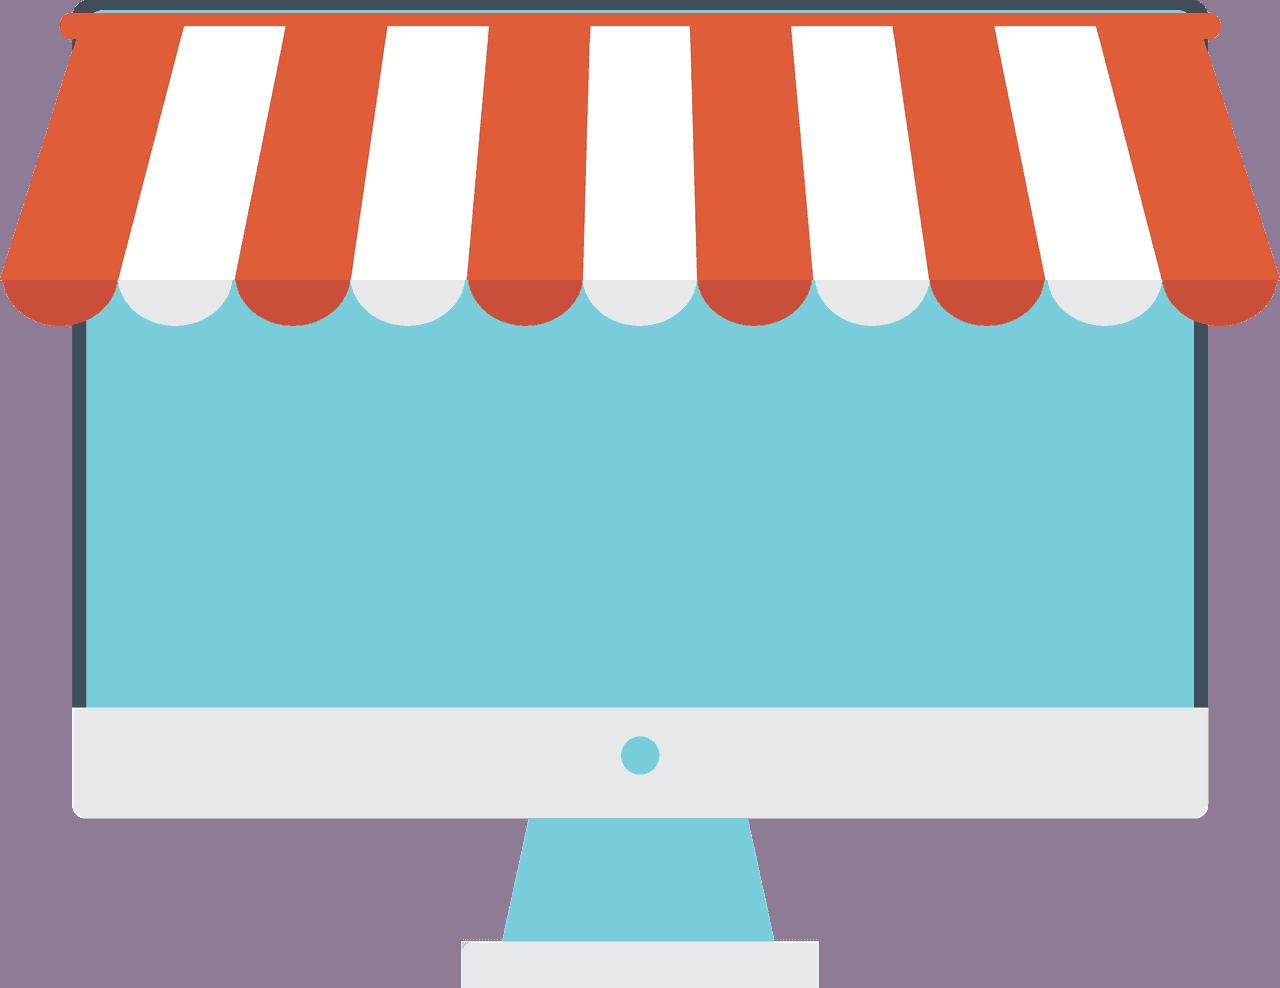 חנות אינטרנט - ראו איך עושים זאת באקסטרה סייז